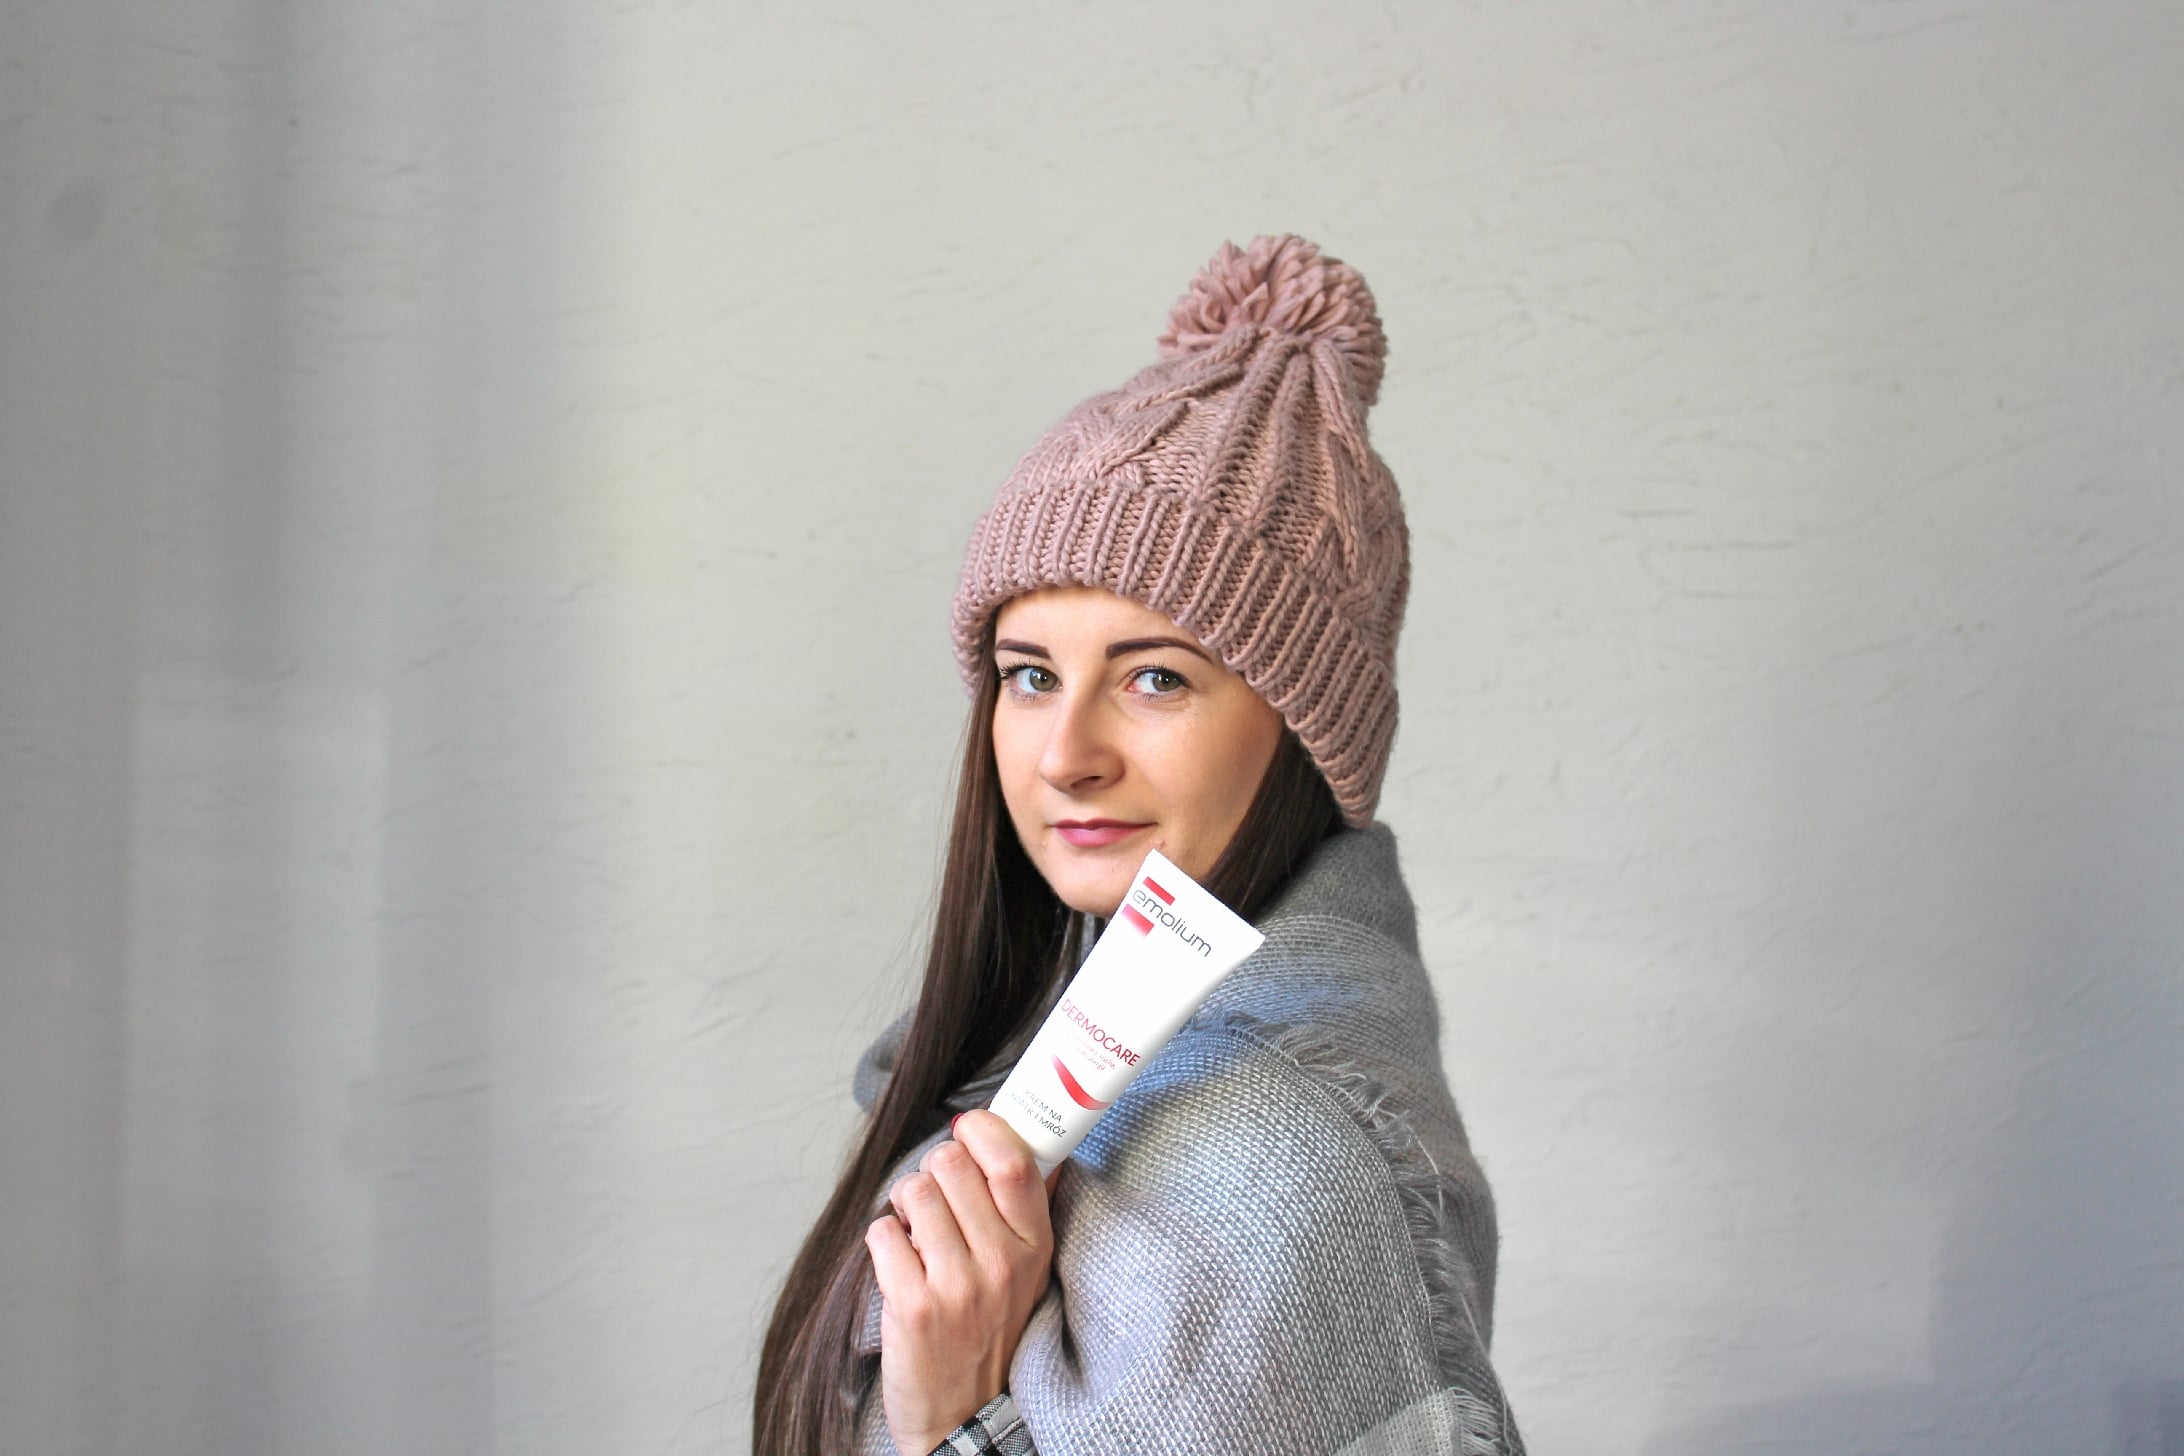 Pielęgnacja wczasie jesieni izimy- jak zadbać ociało, twarz , dłonie iusta podczas jesienno- zimowej pogody.